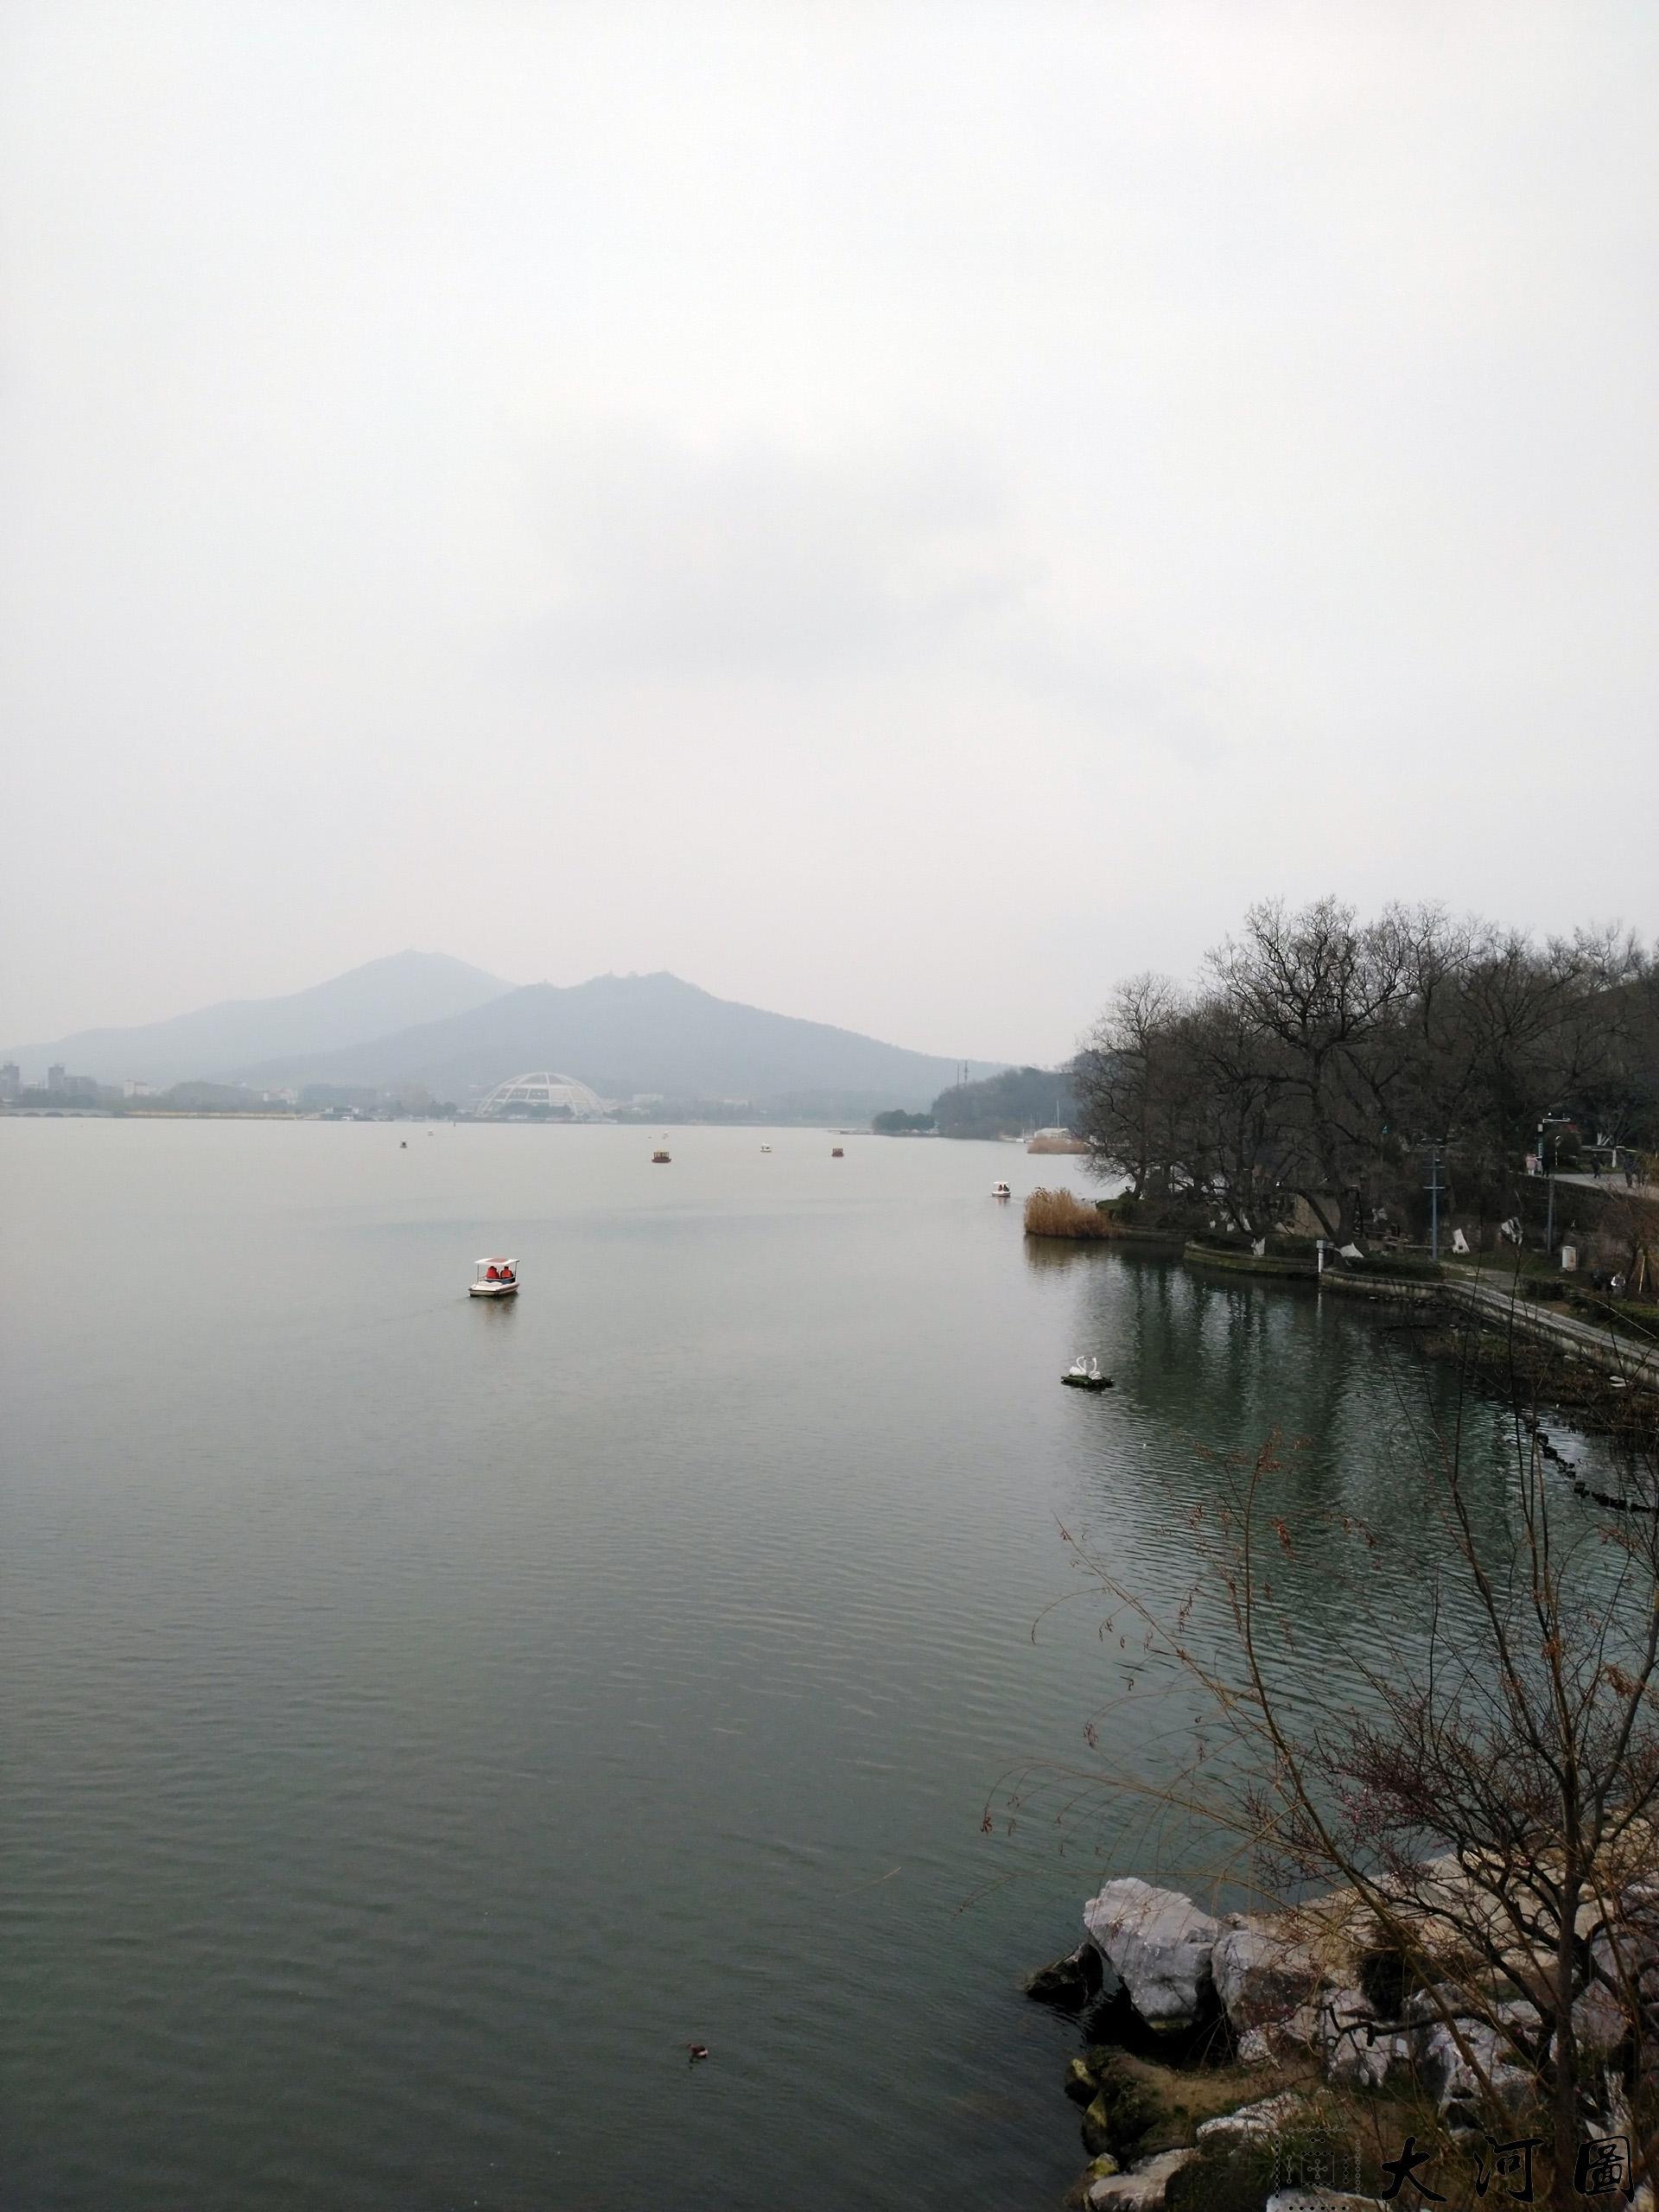 2019年3月的南京玄武湖公园之旅 摄影 第16张